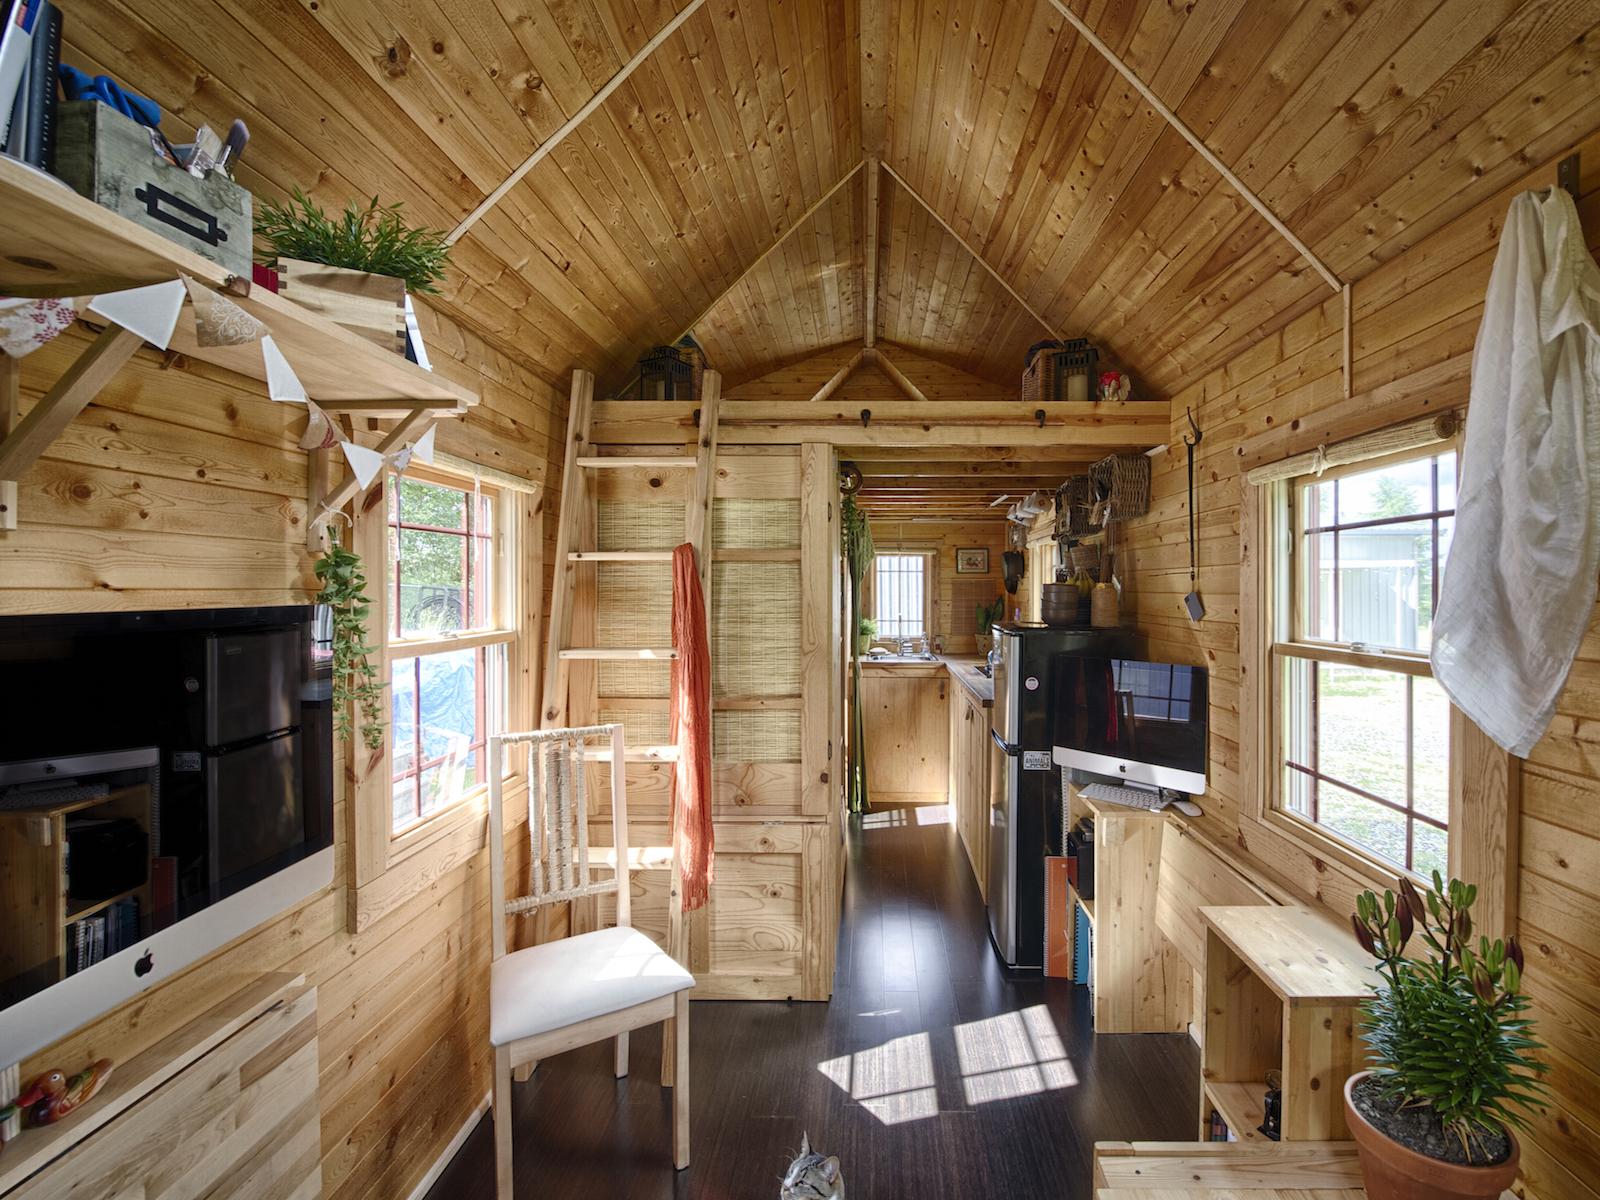 Wonen in een tiny house op wielen de ultieme vrijheid for Progetti di case piccole